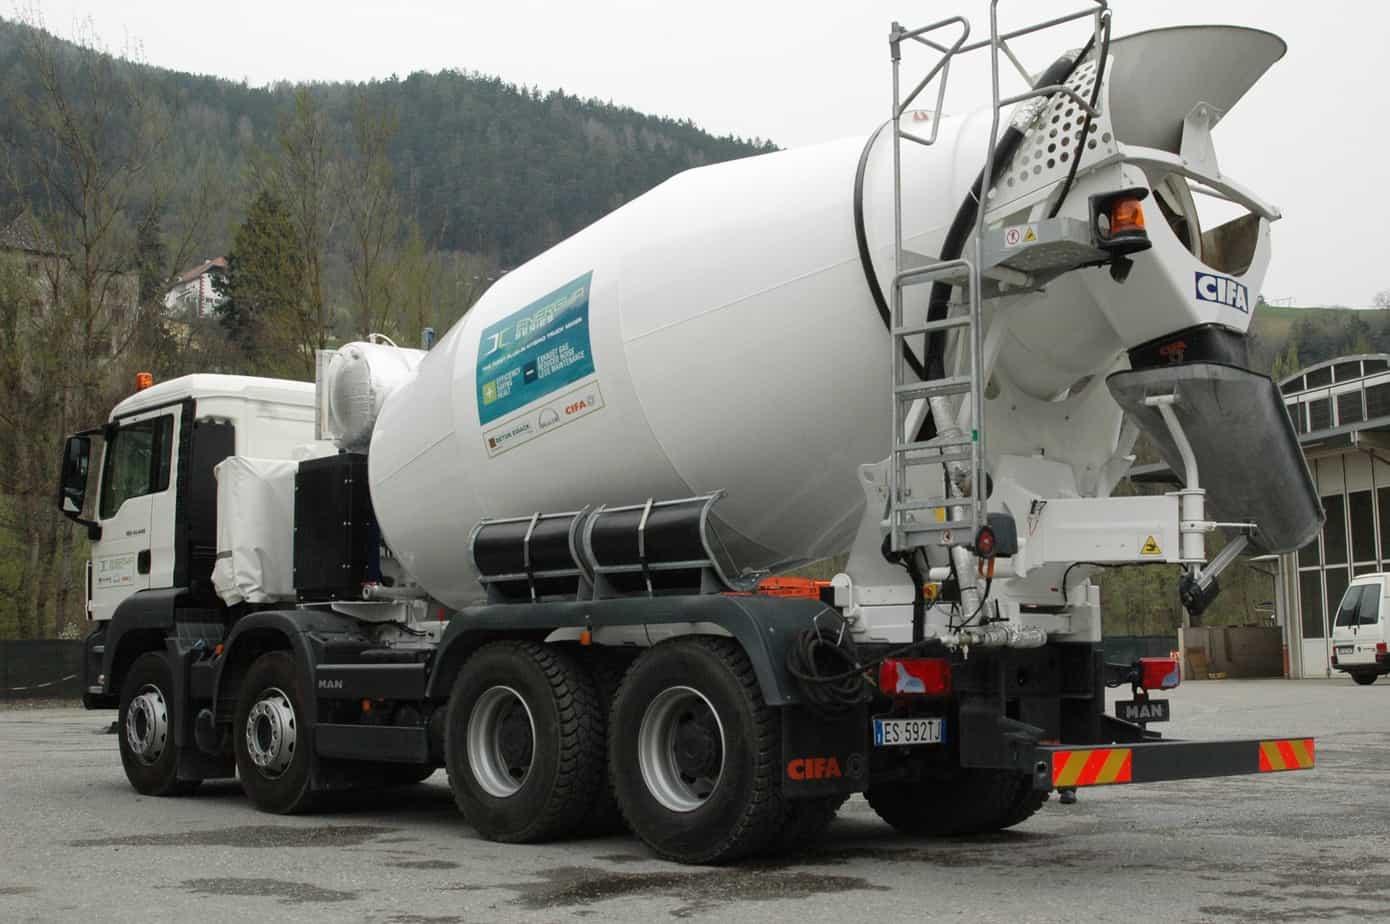 Il veicolo da 32 t della gamma TGS, MAN con autotelaio a quattro assi per betoniere e trazione 8x4 più leggero d'Europa